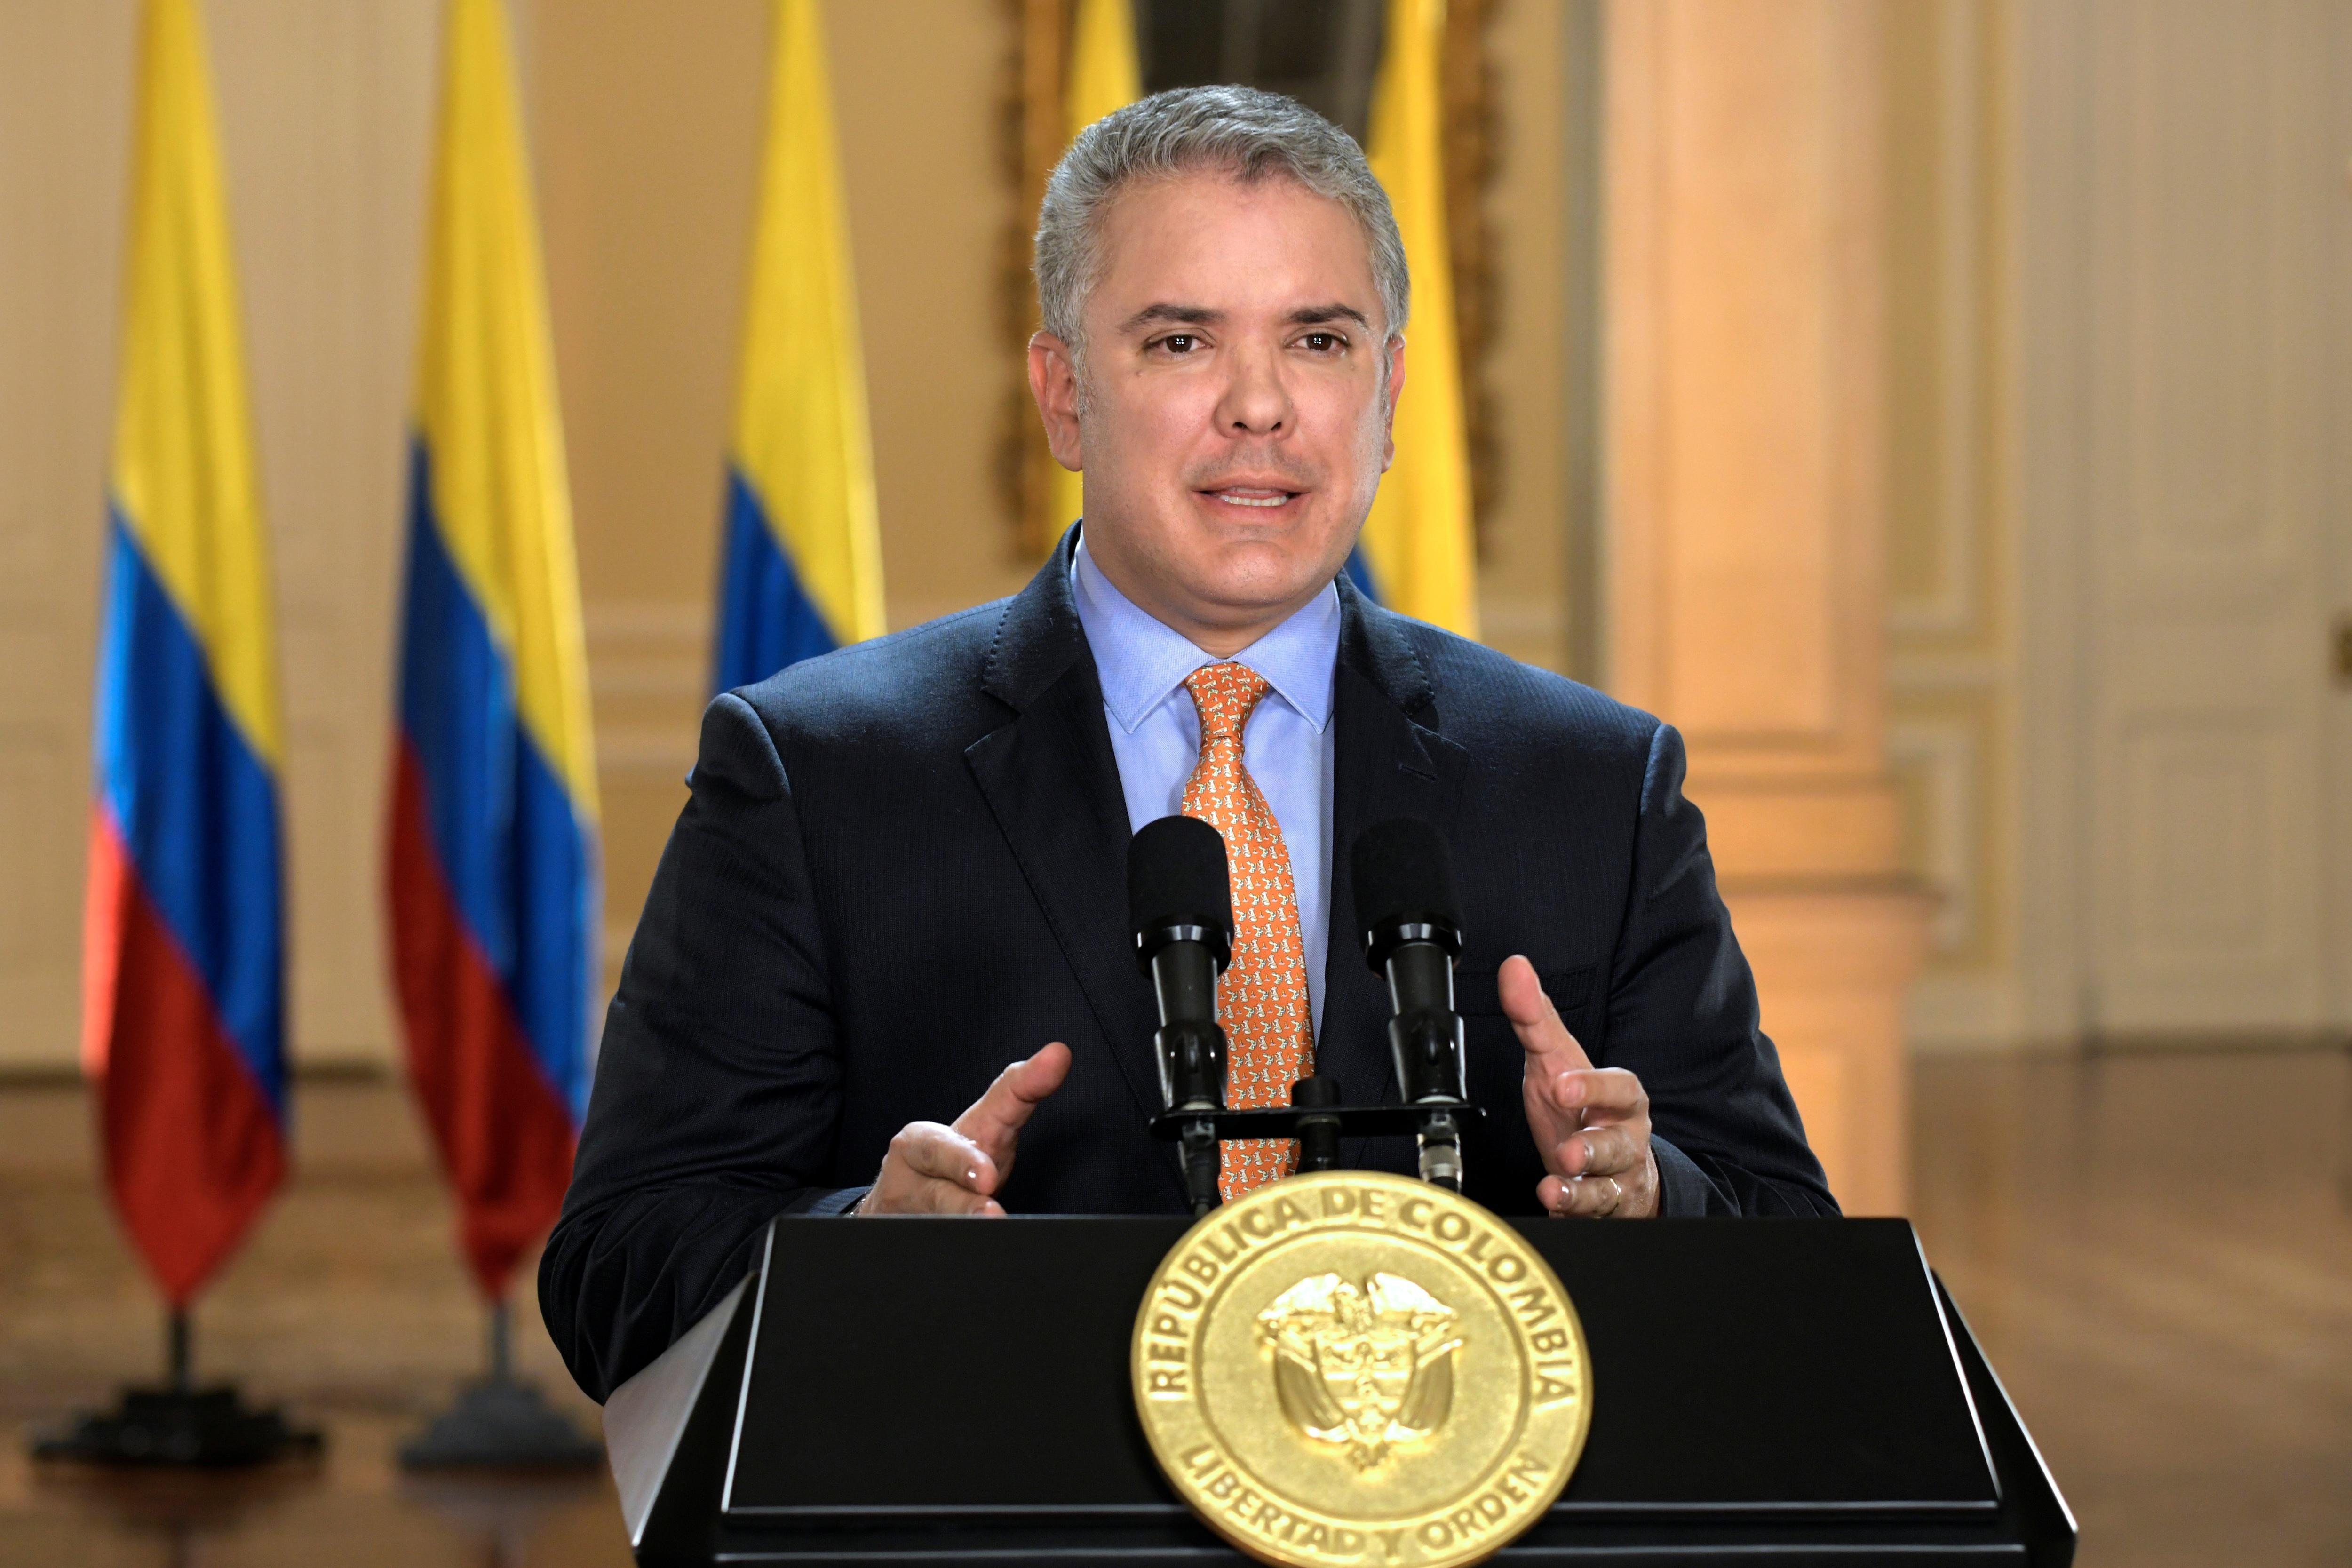 Iván Duque anunció tres días sin IVA en Colombia para fomentar las ventas y reactivar la economía - Infobae